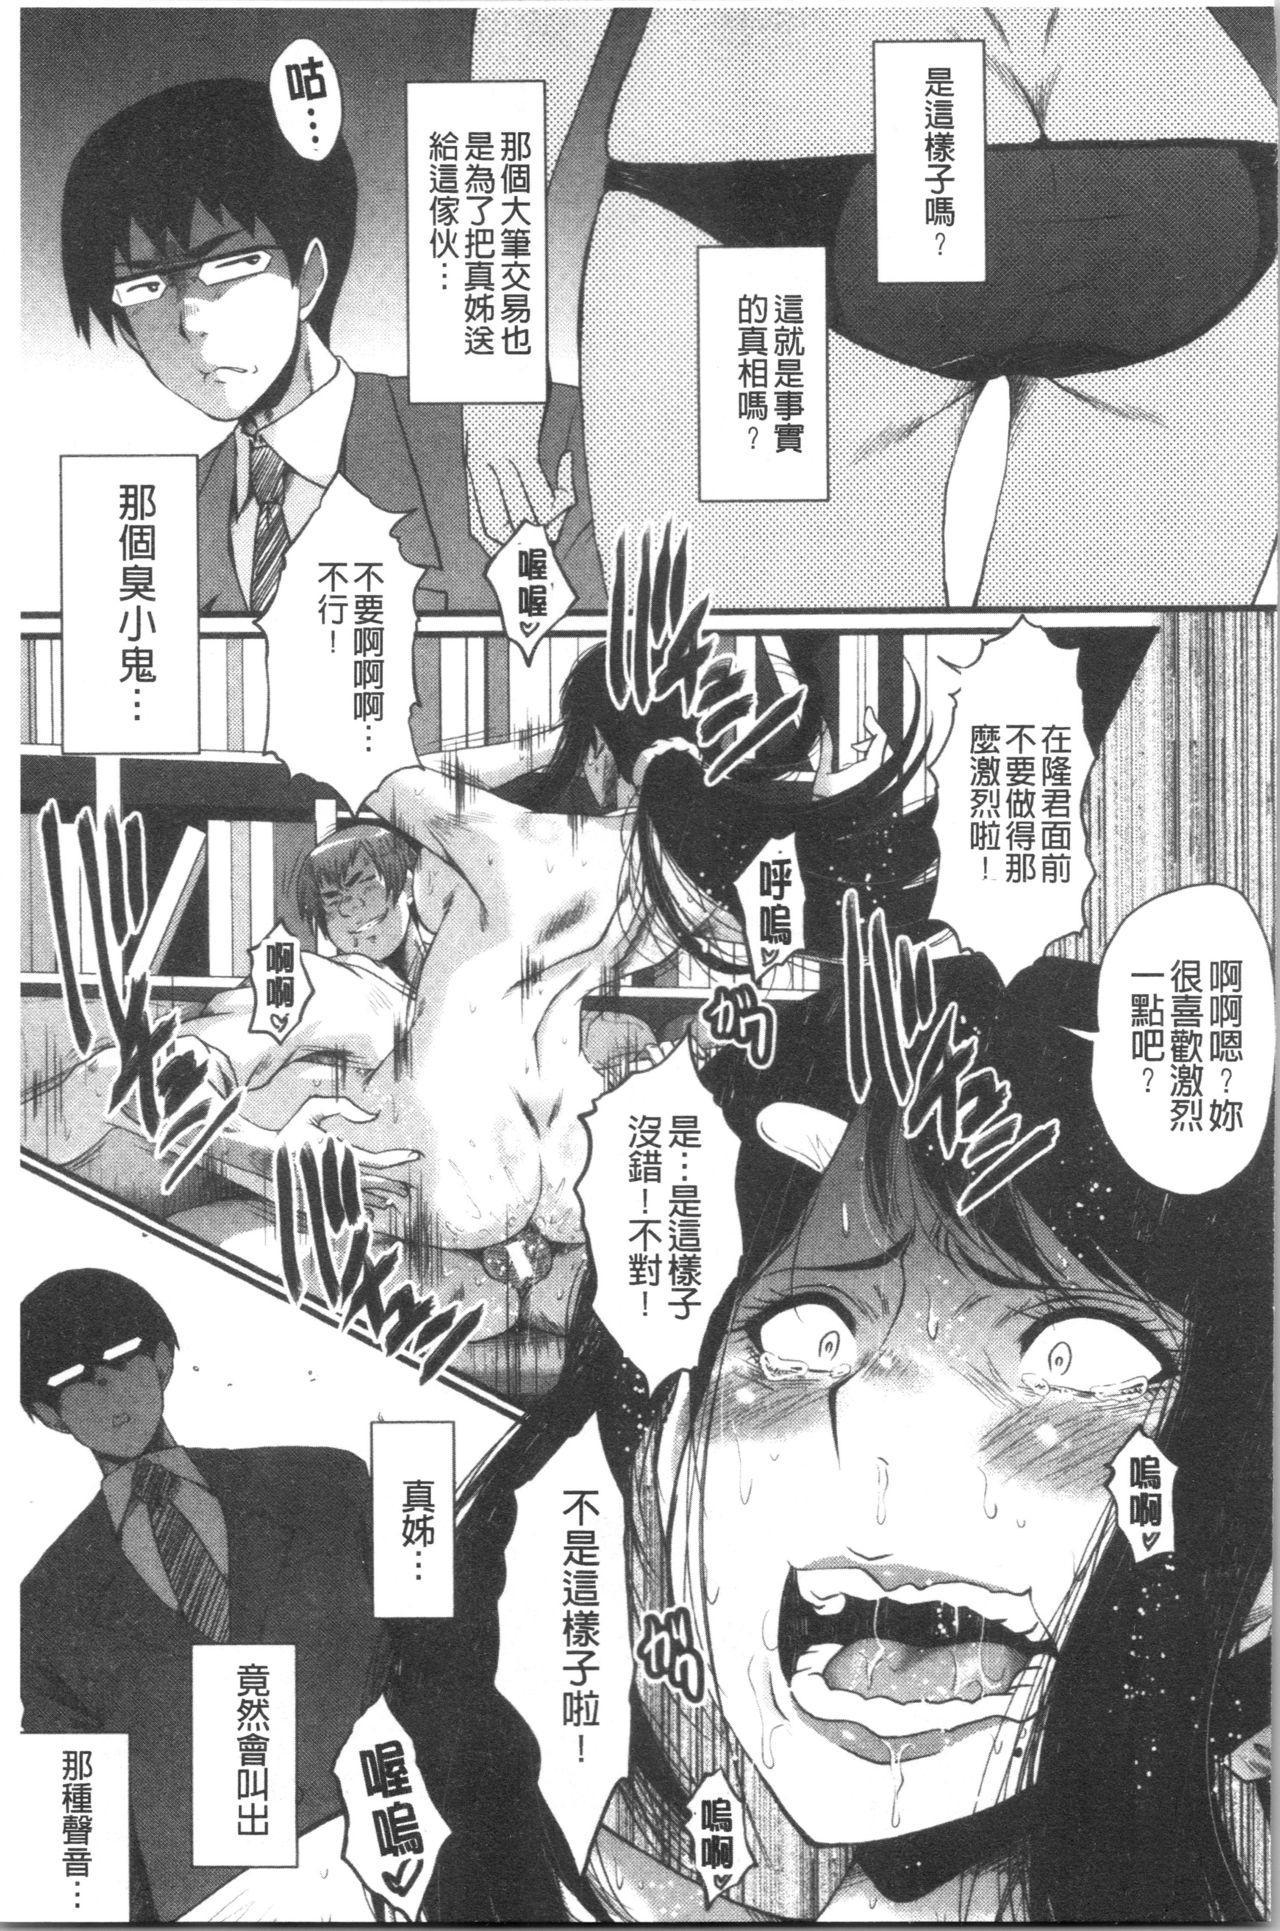 Bokuno Kanojo ga Kusogaki ni Netorareta Hanashi 154